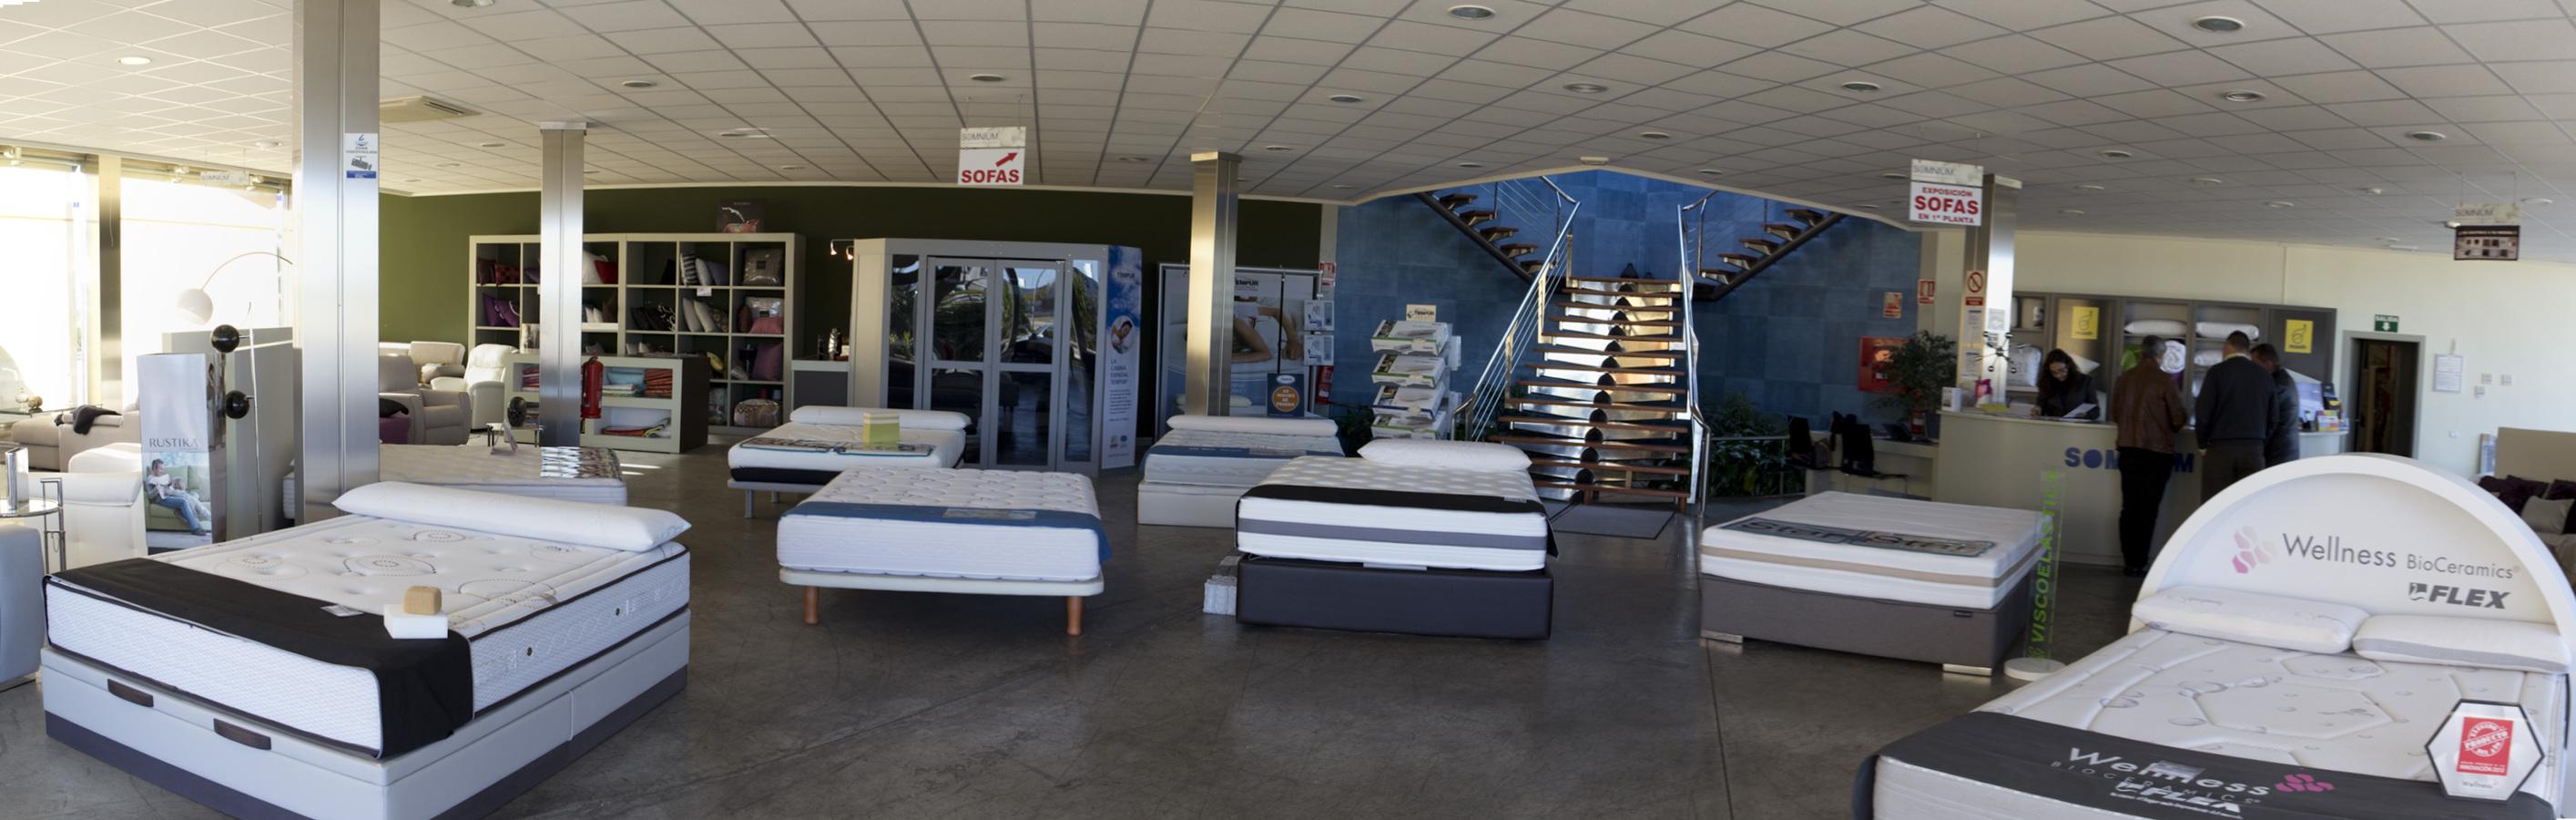 Tienda de muebles en gandia paco escriv muebles tienda de - Muebles en gandia ...